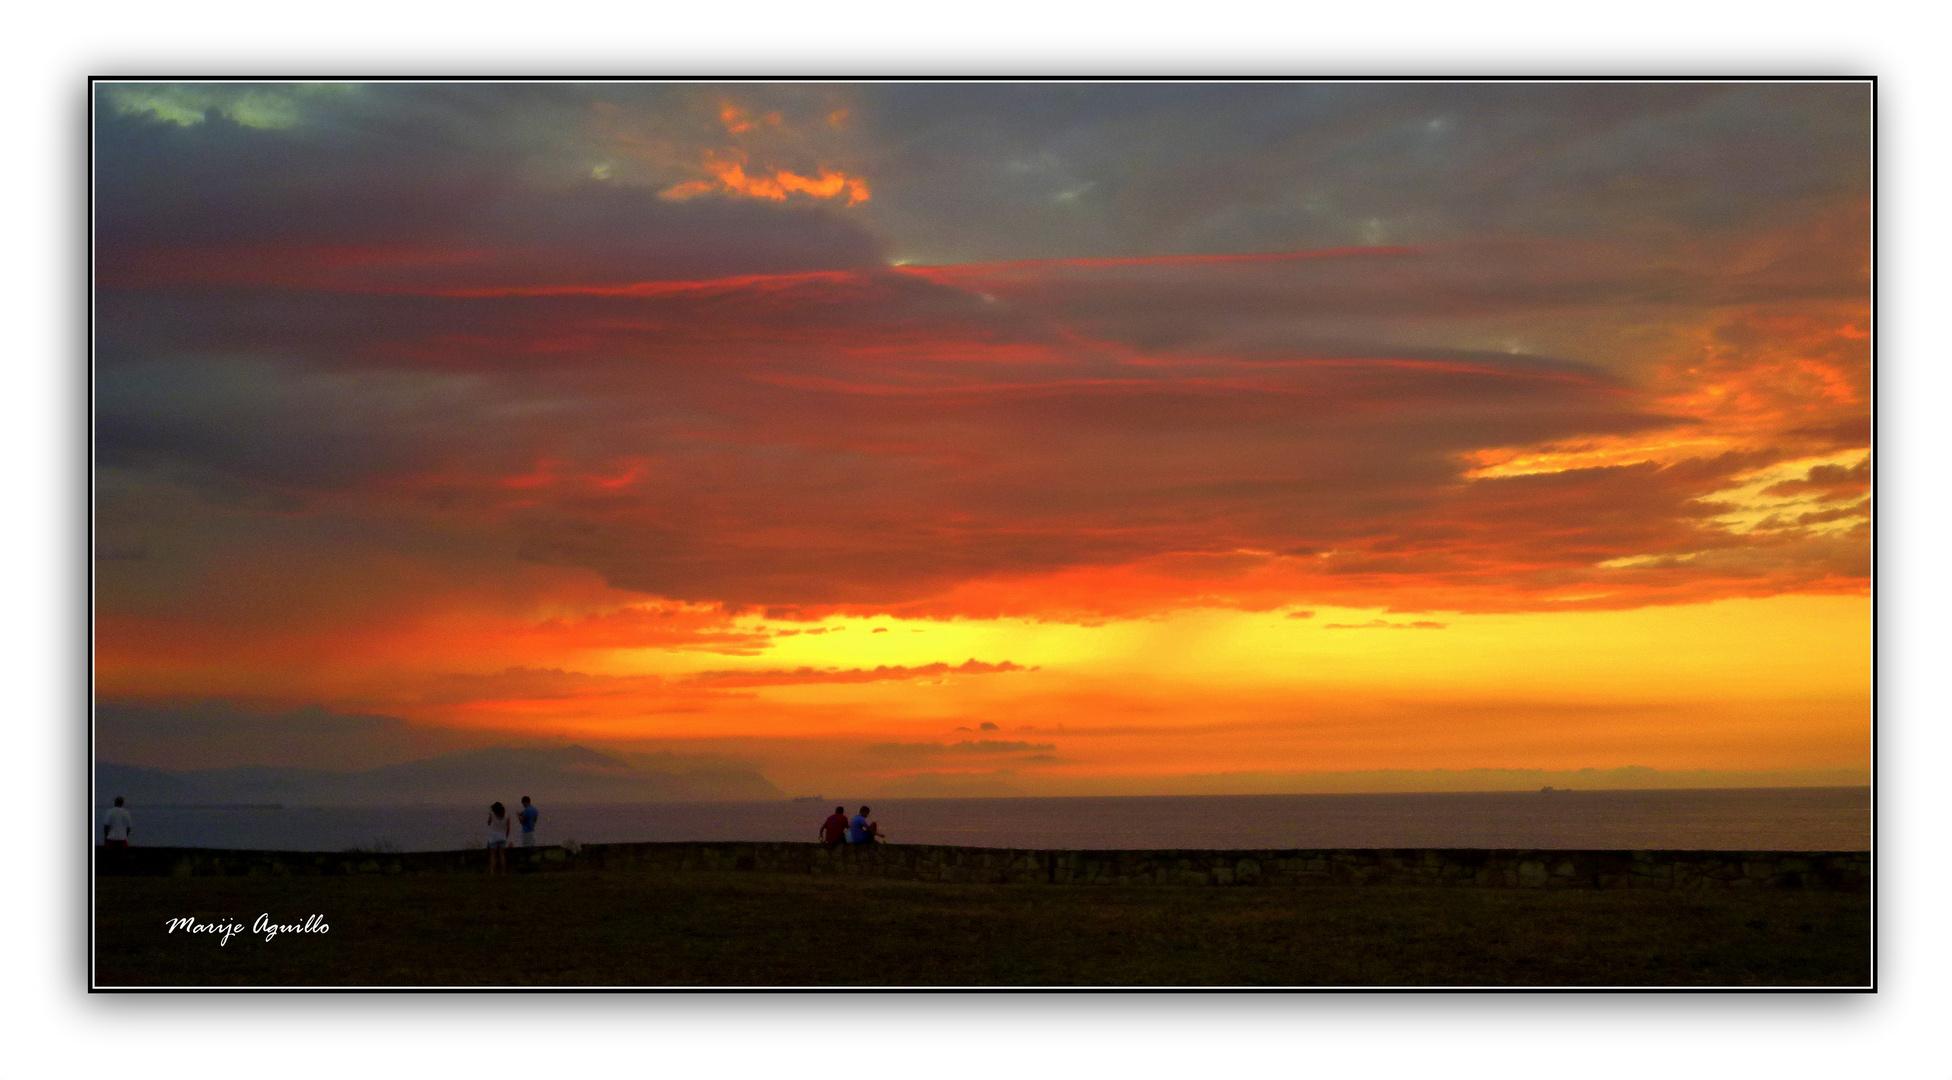 paseando a la puesta de sol